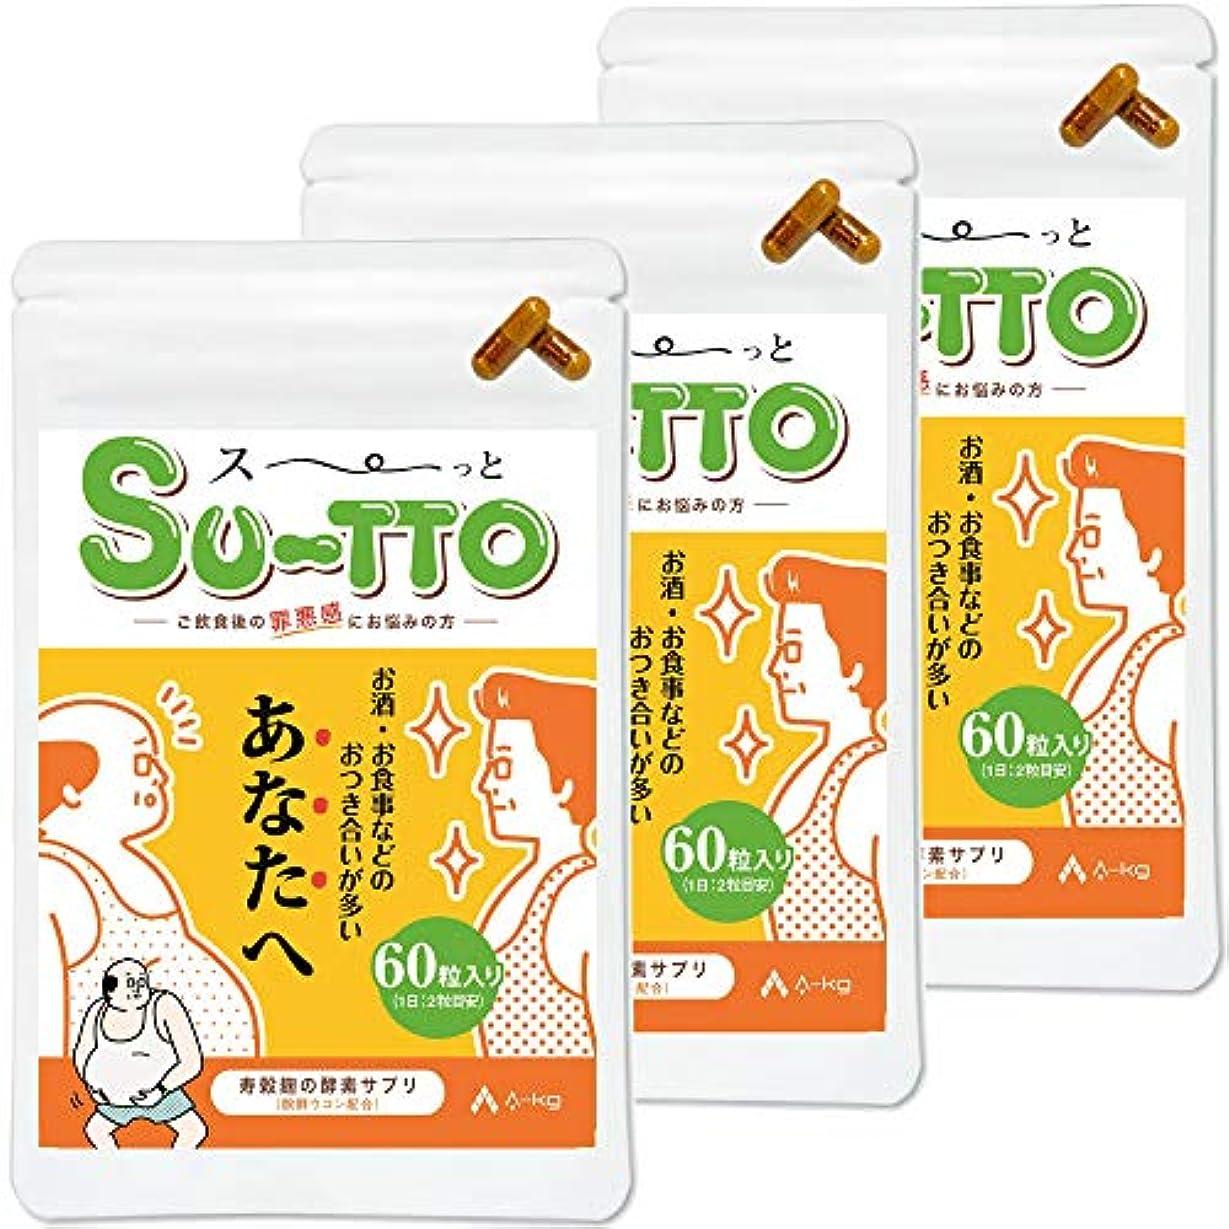 誇り印象豆腐A-KG SU-TTO 寿穀麹 酵素サプリ 酵素 サプリ 麹 こうじ ダイエット サプリメント こうじ酵素 3個セット(180粒:約3ヶ月分)